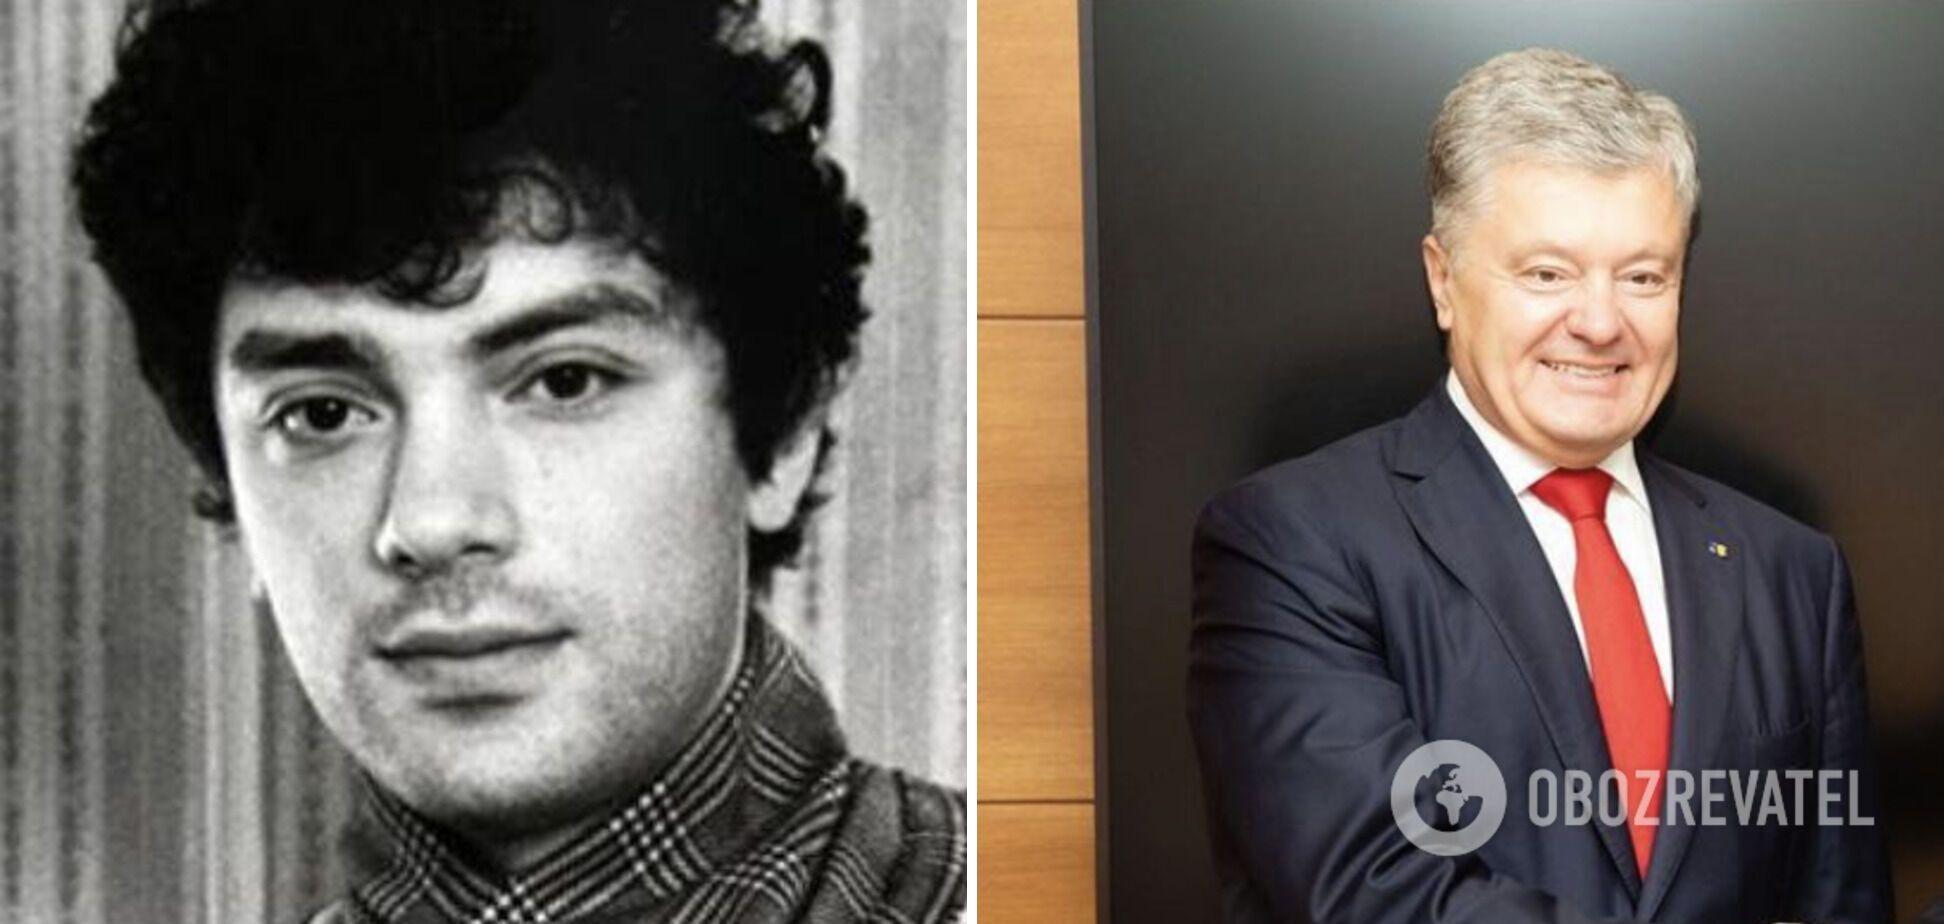 Петро Порошенко в юності.